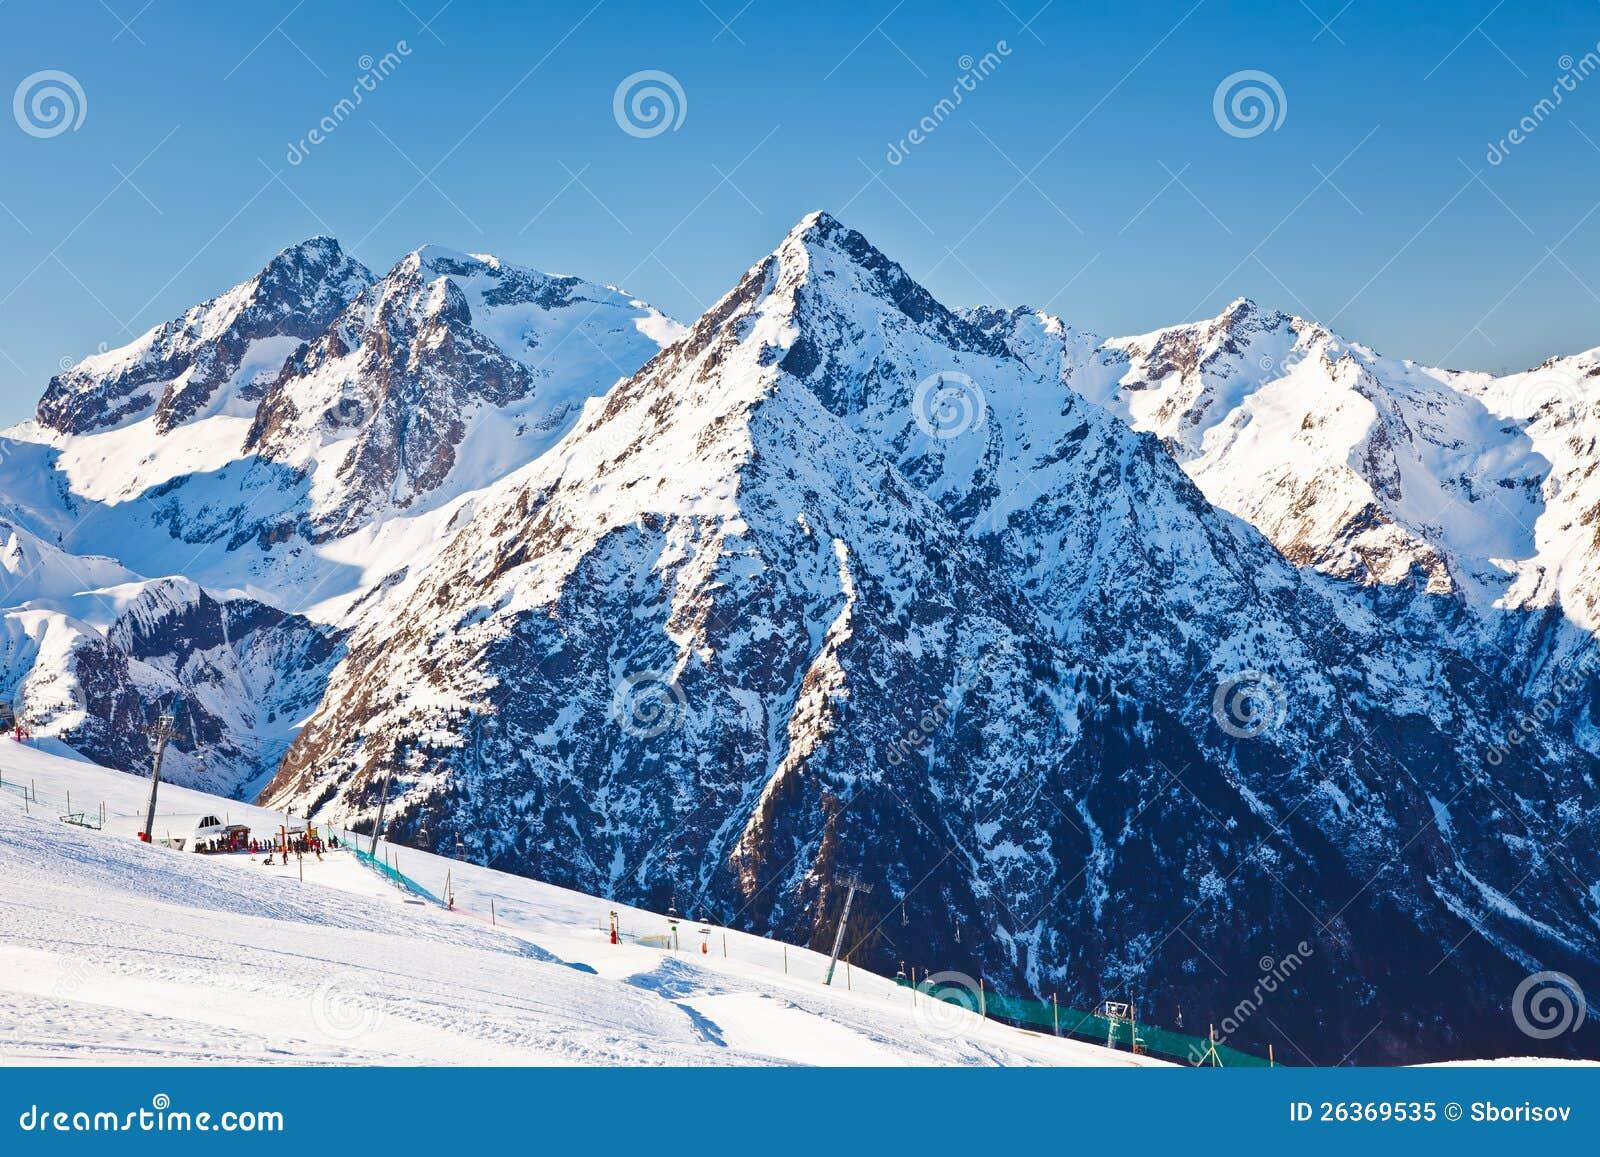 Skiort in den französischen Alpen